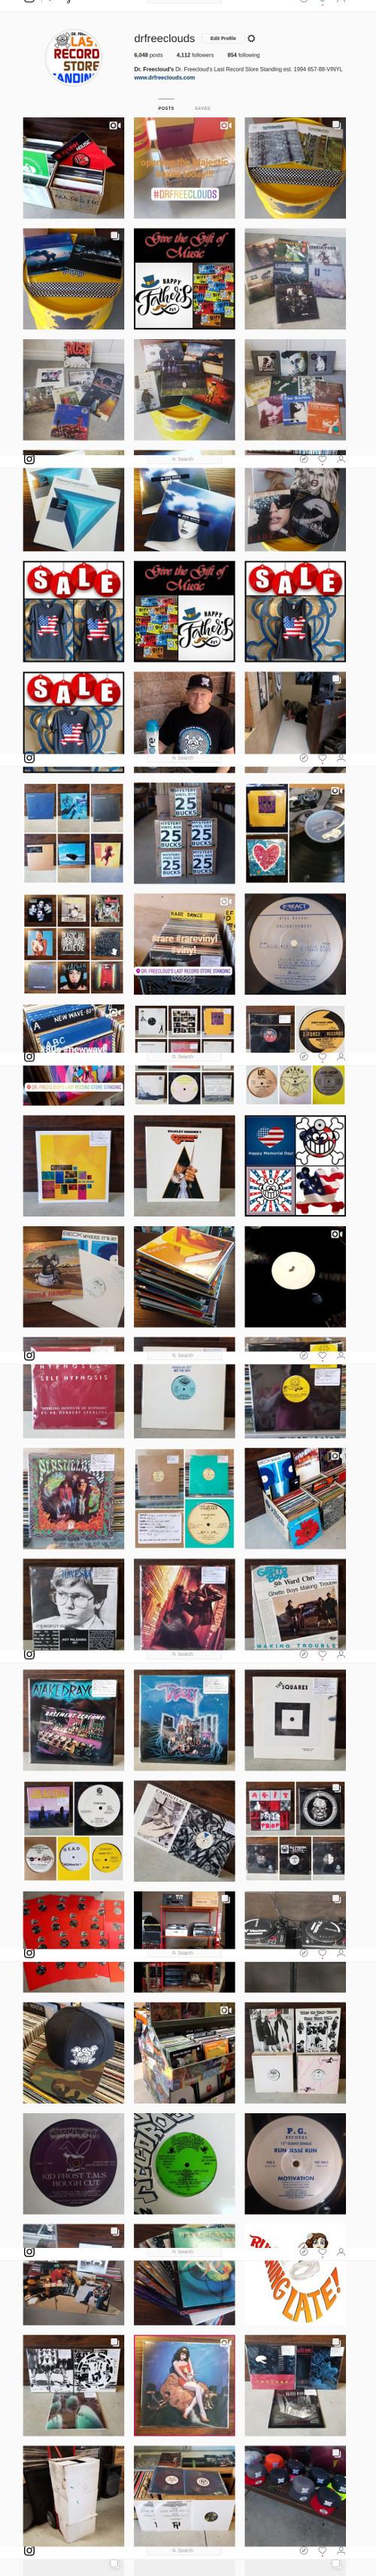 Instagram-Screenshot-June14-2018